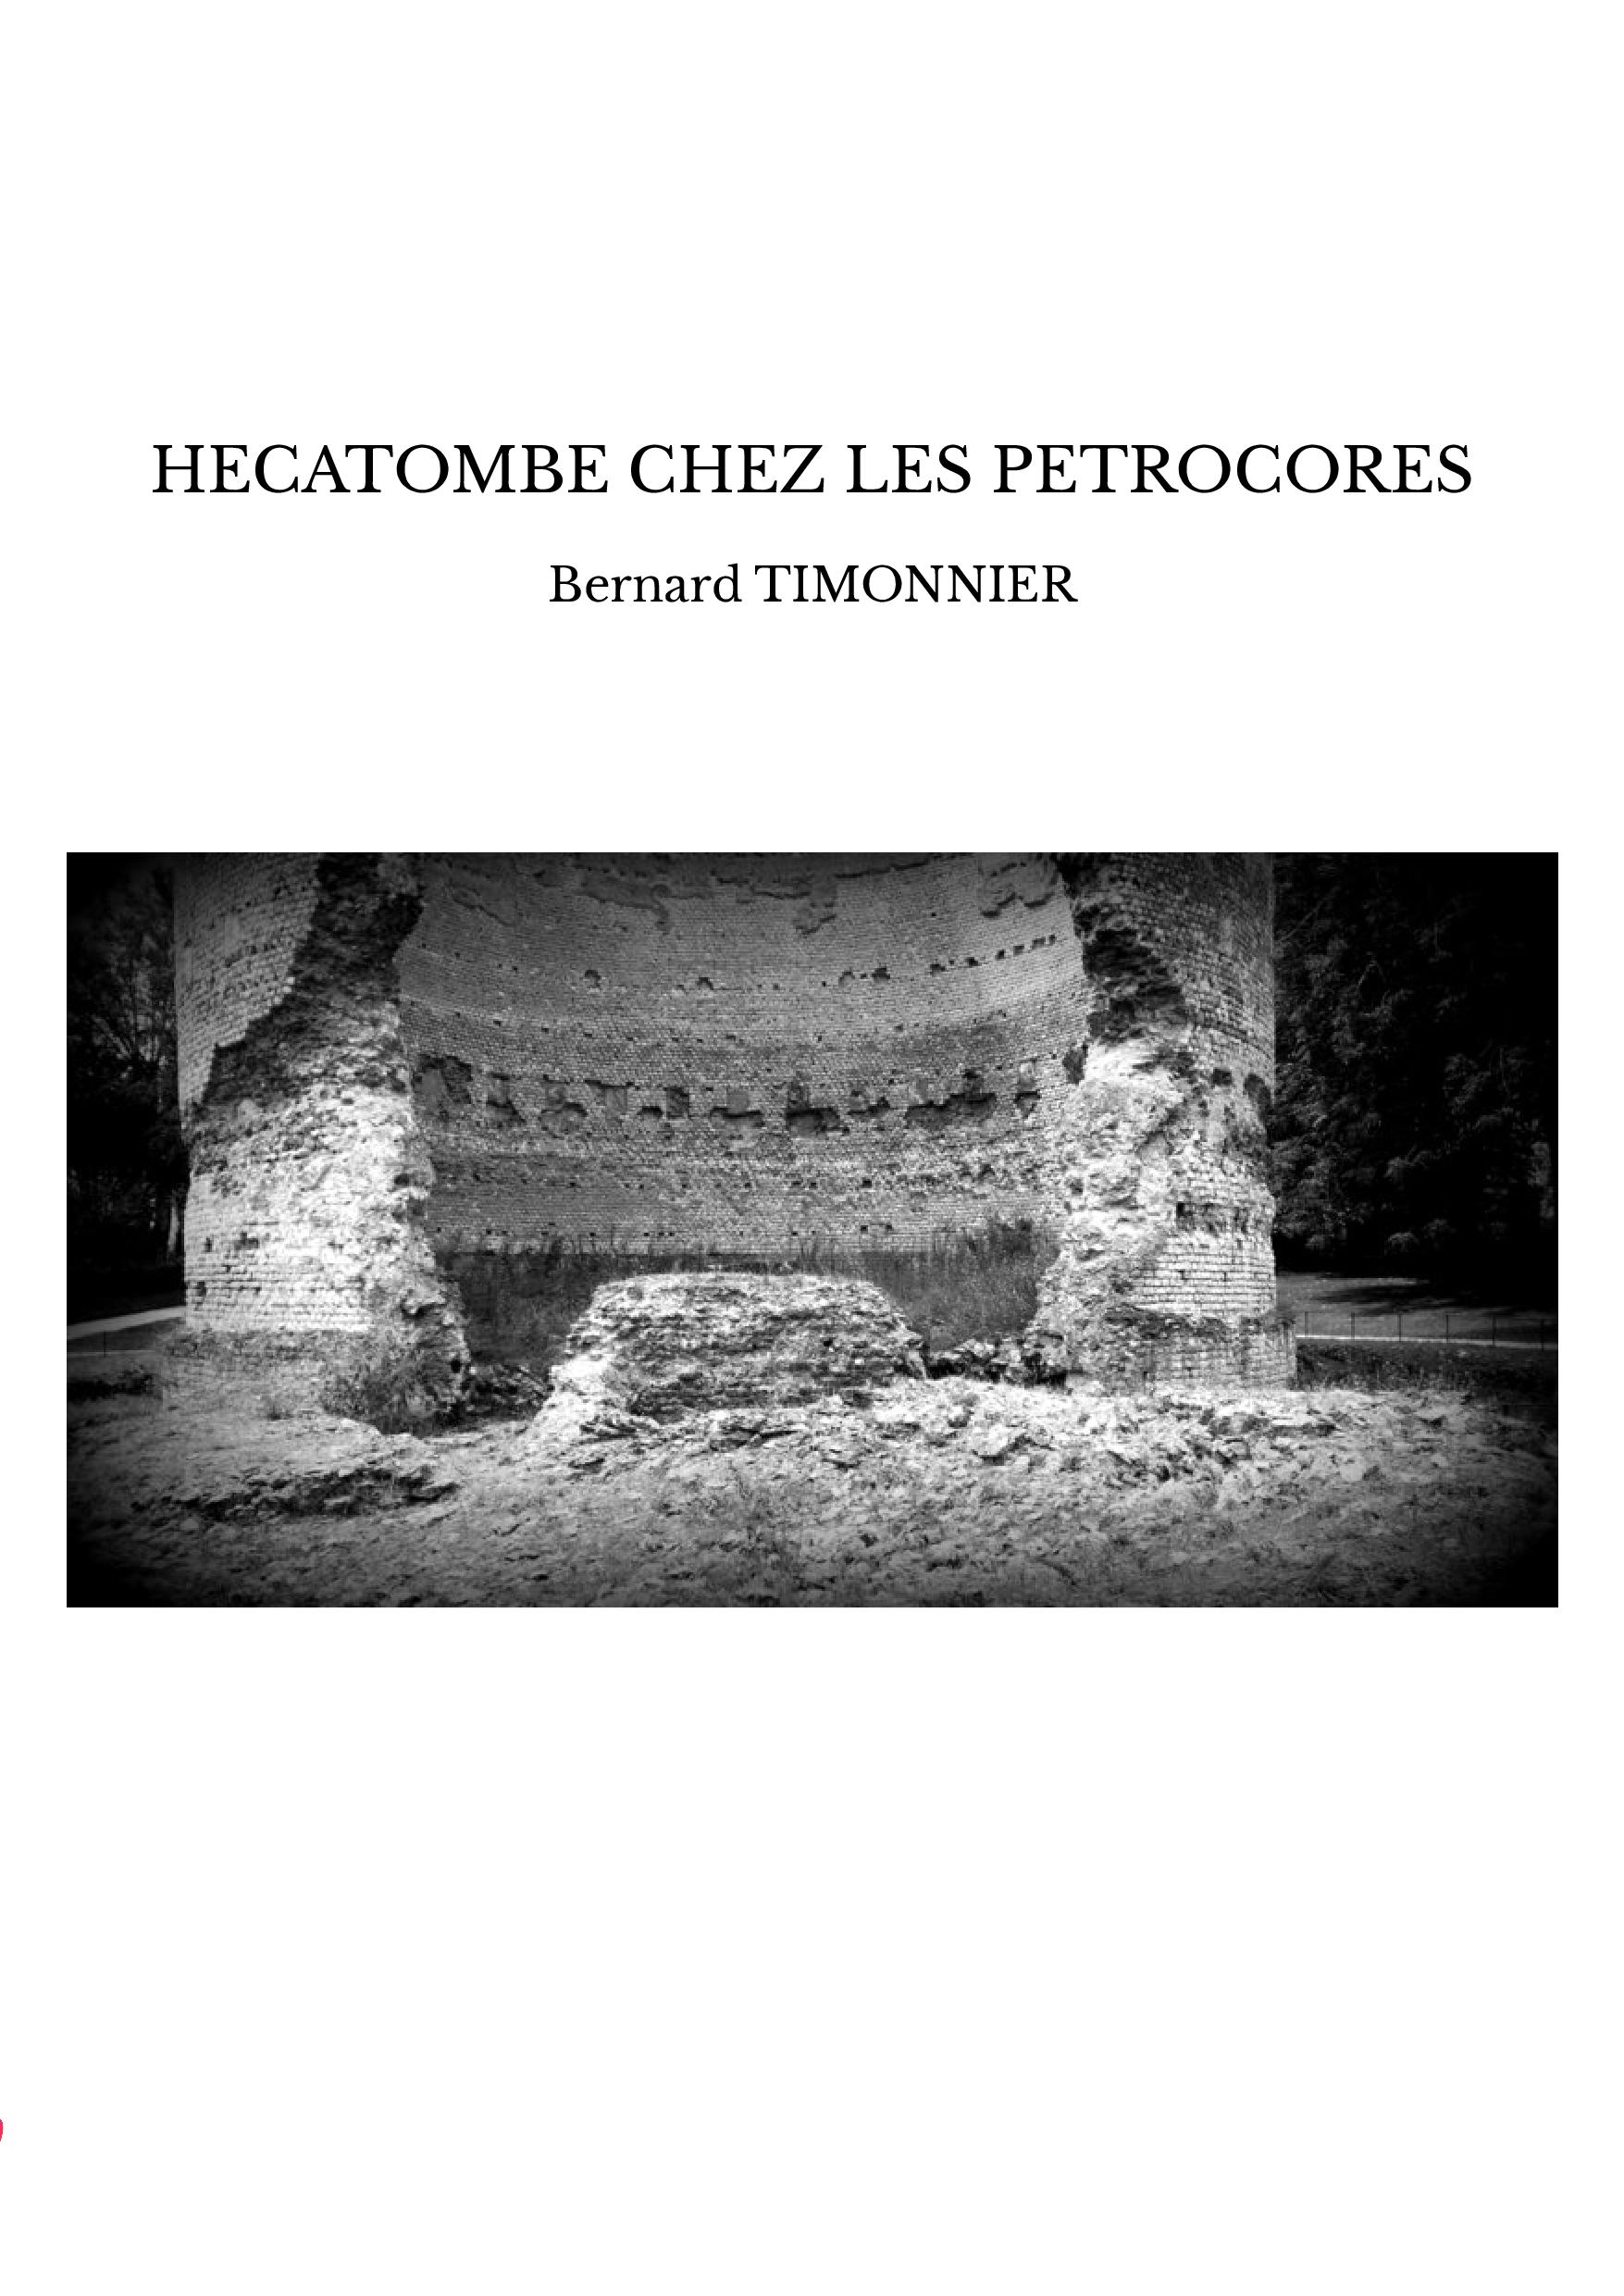 HECATOMBE CHEZ LES PETROCORES